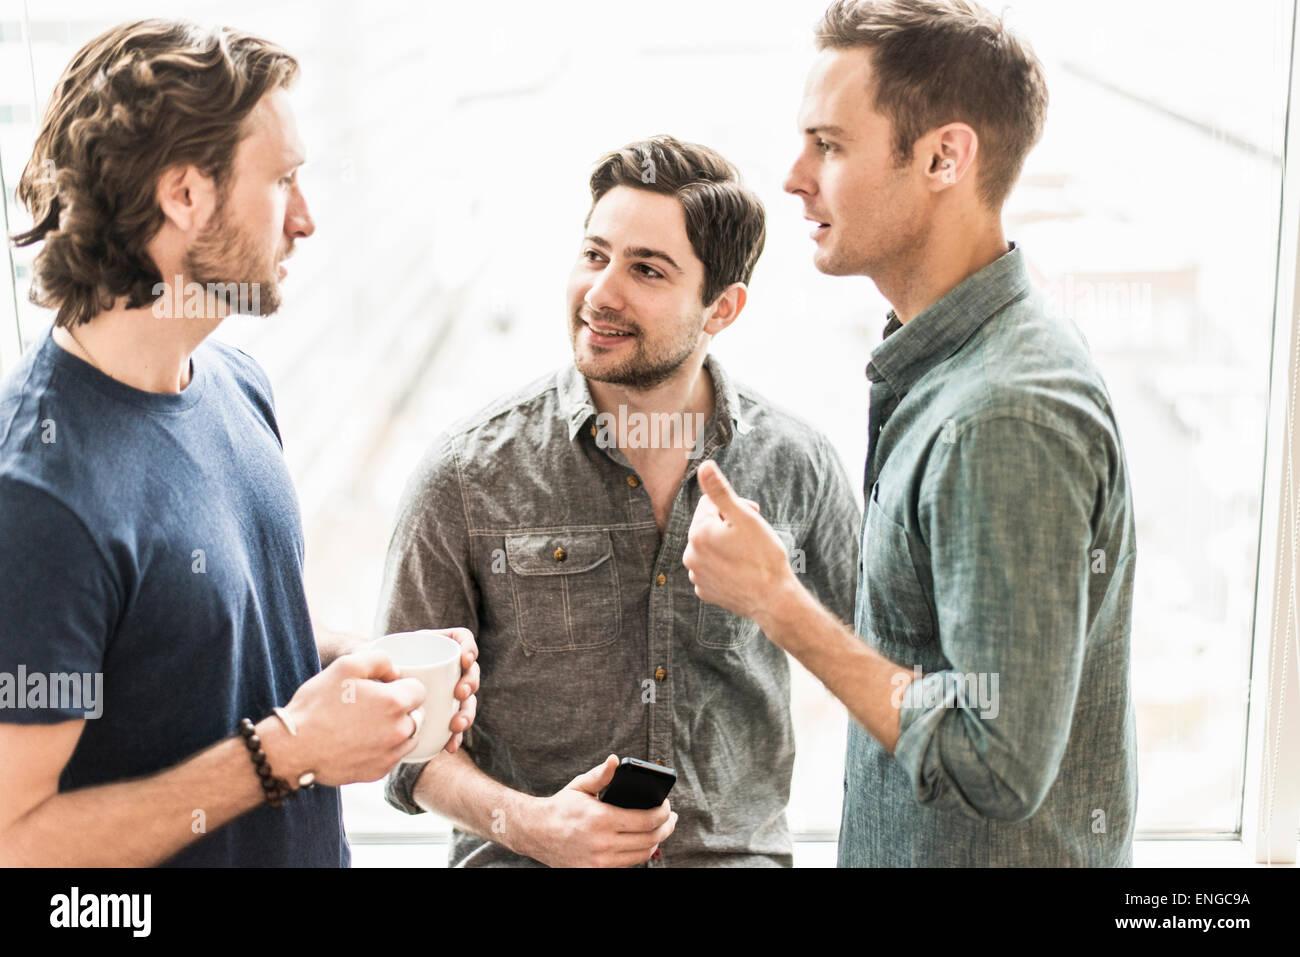 Drei Männer stehen, reden, mit einer Tasse Kaffee, einer mit einem Smartphone. Stockbild